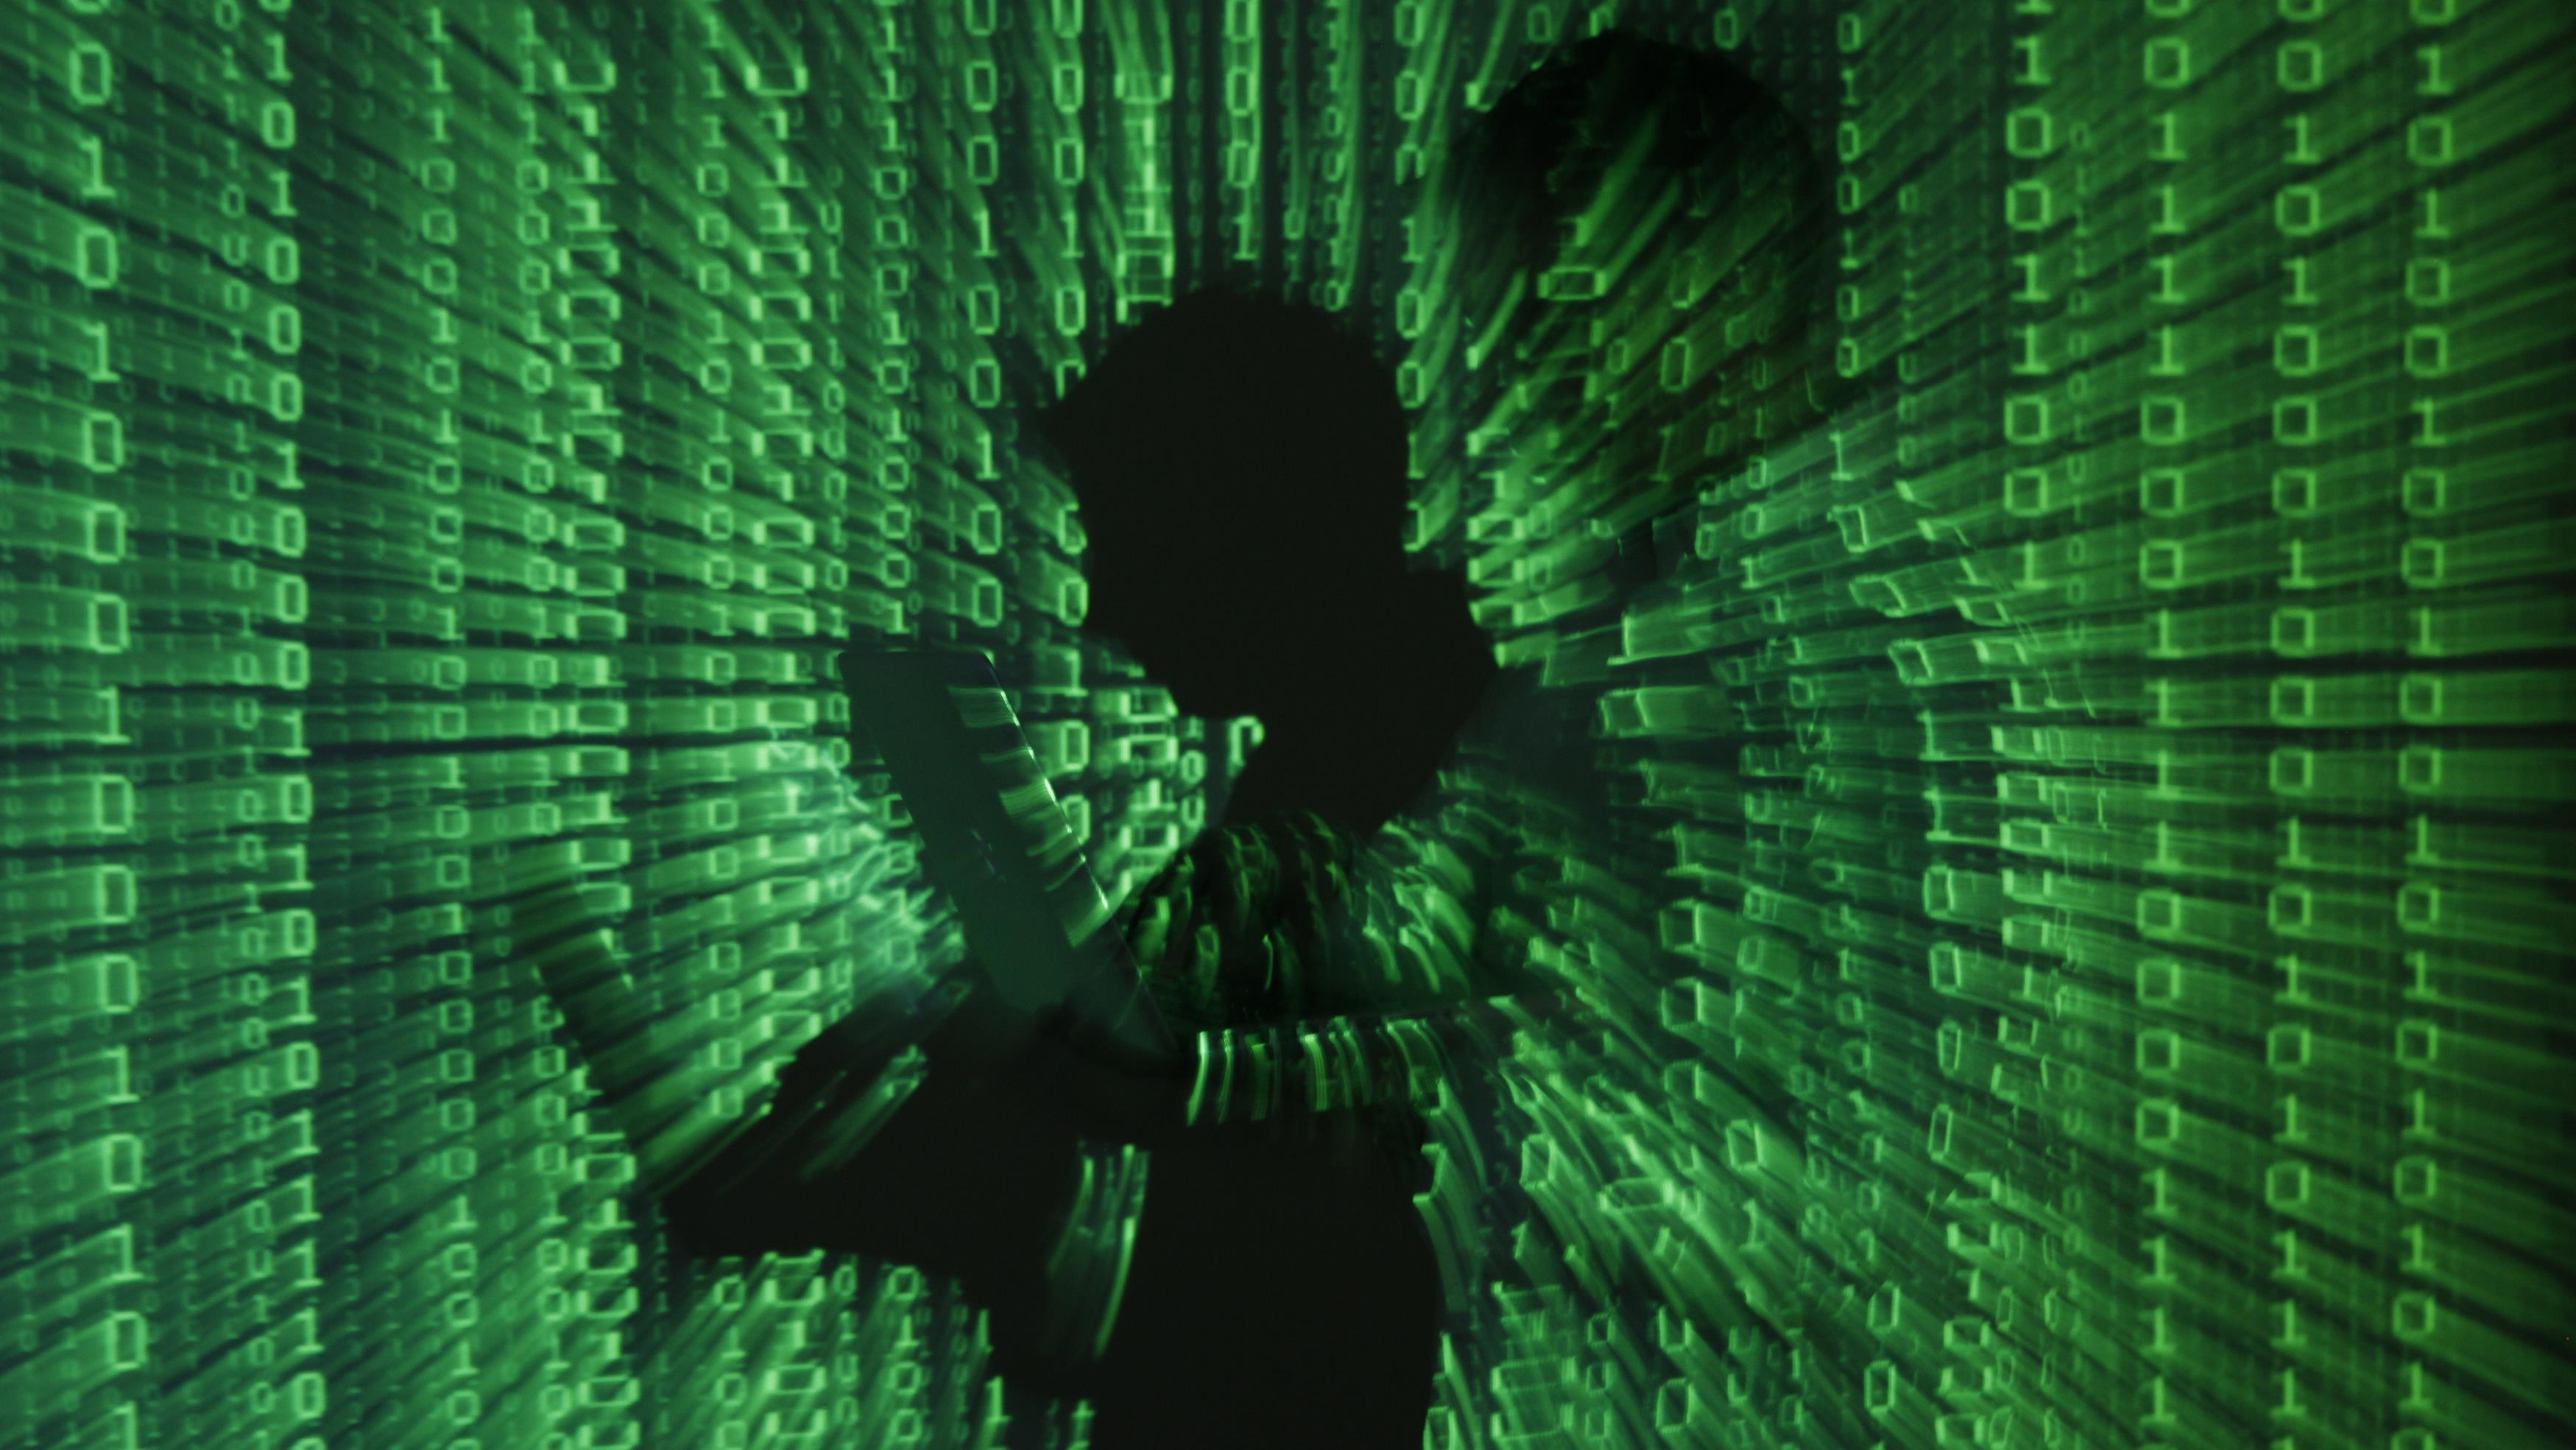 Bell veut interdire l'accès aux sites de piratage